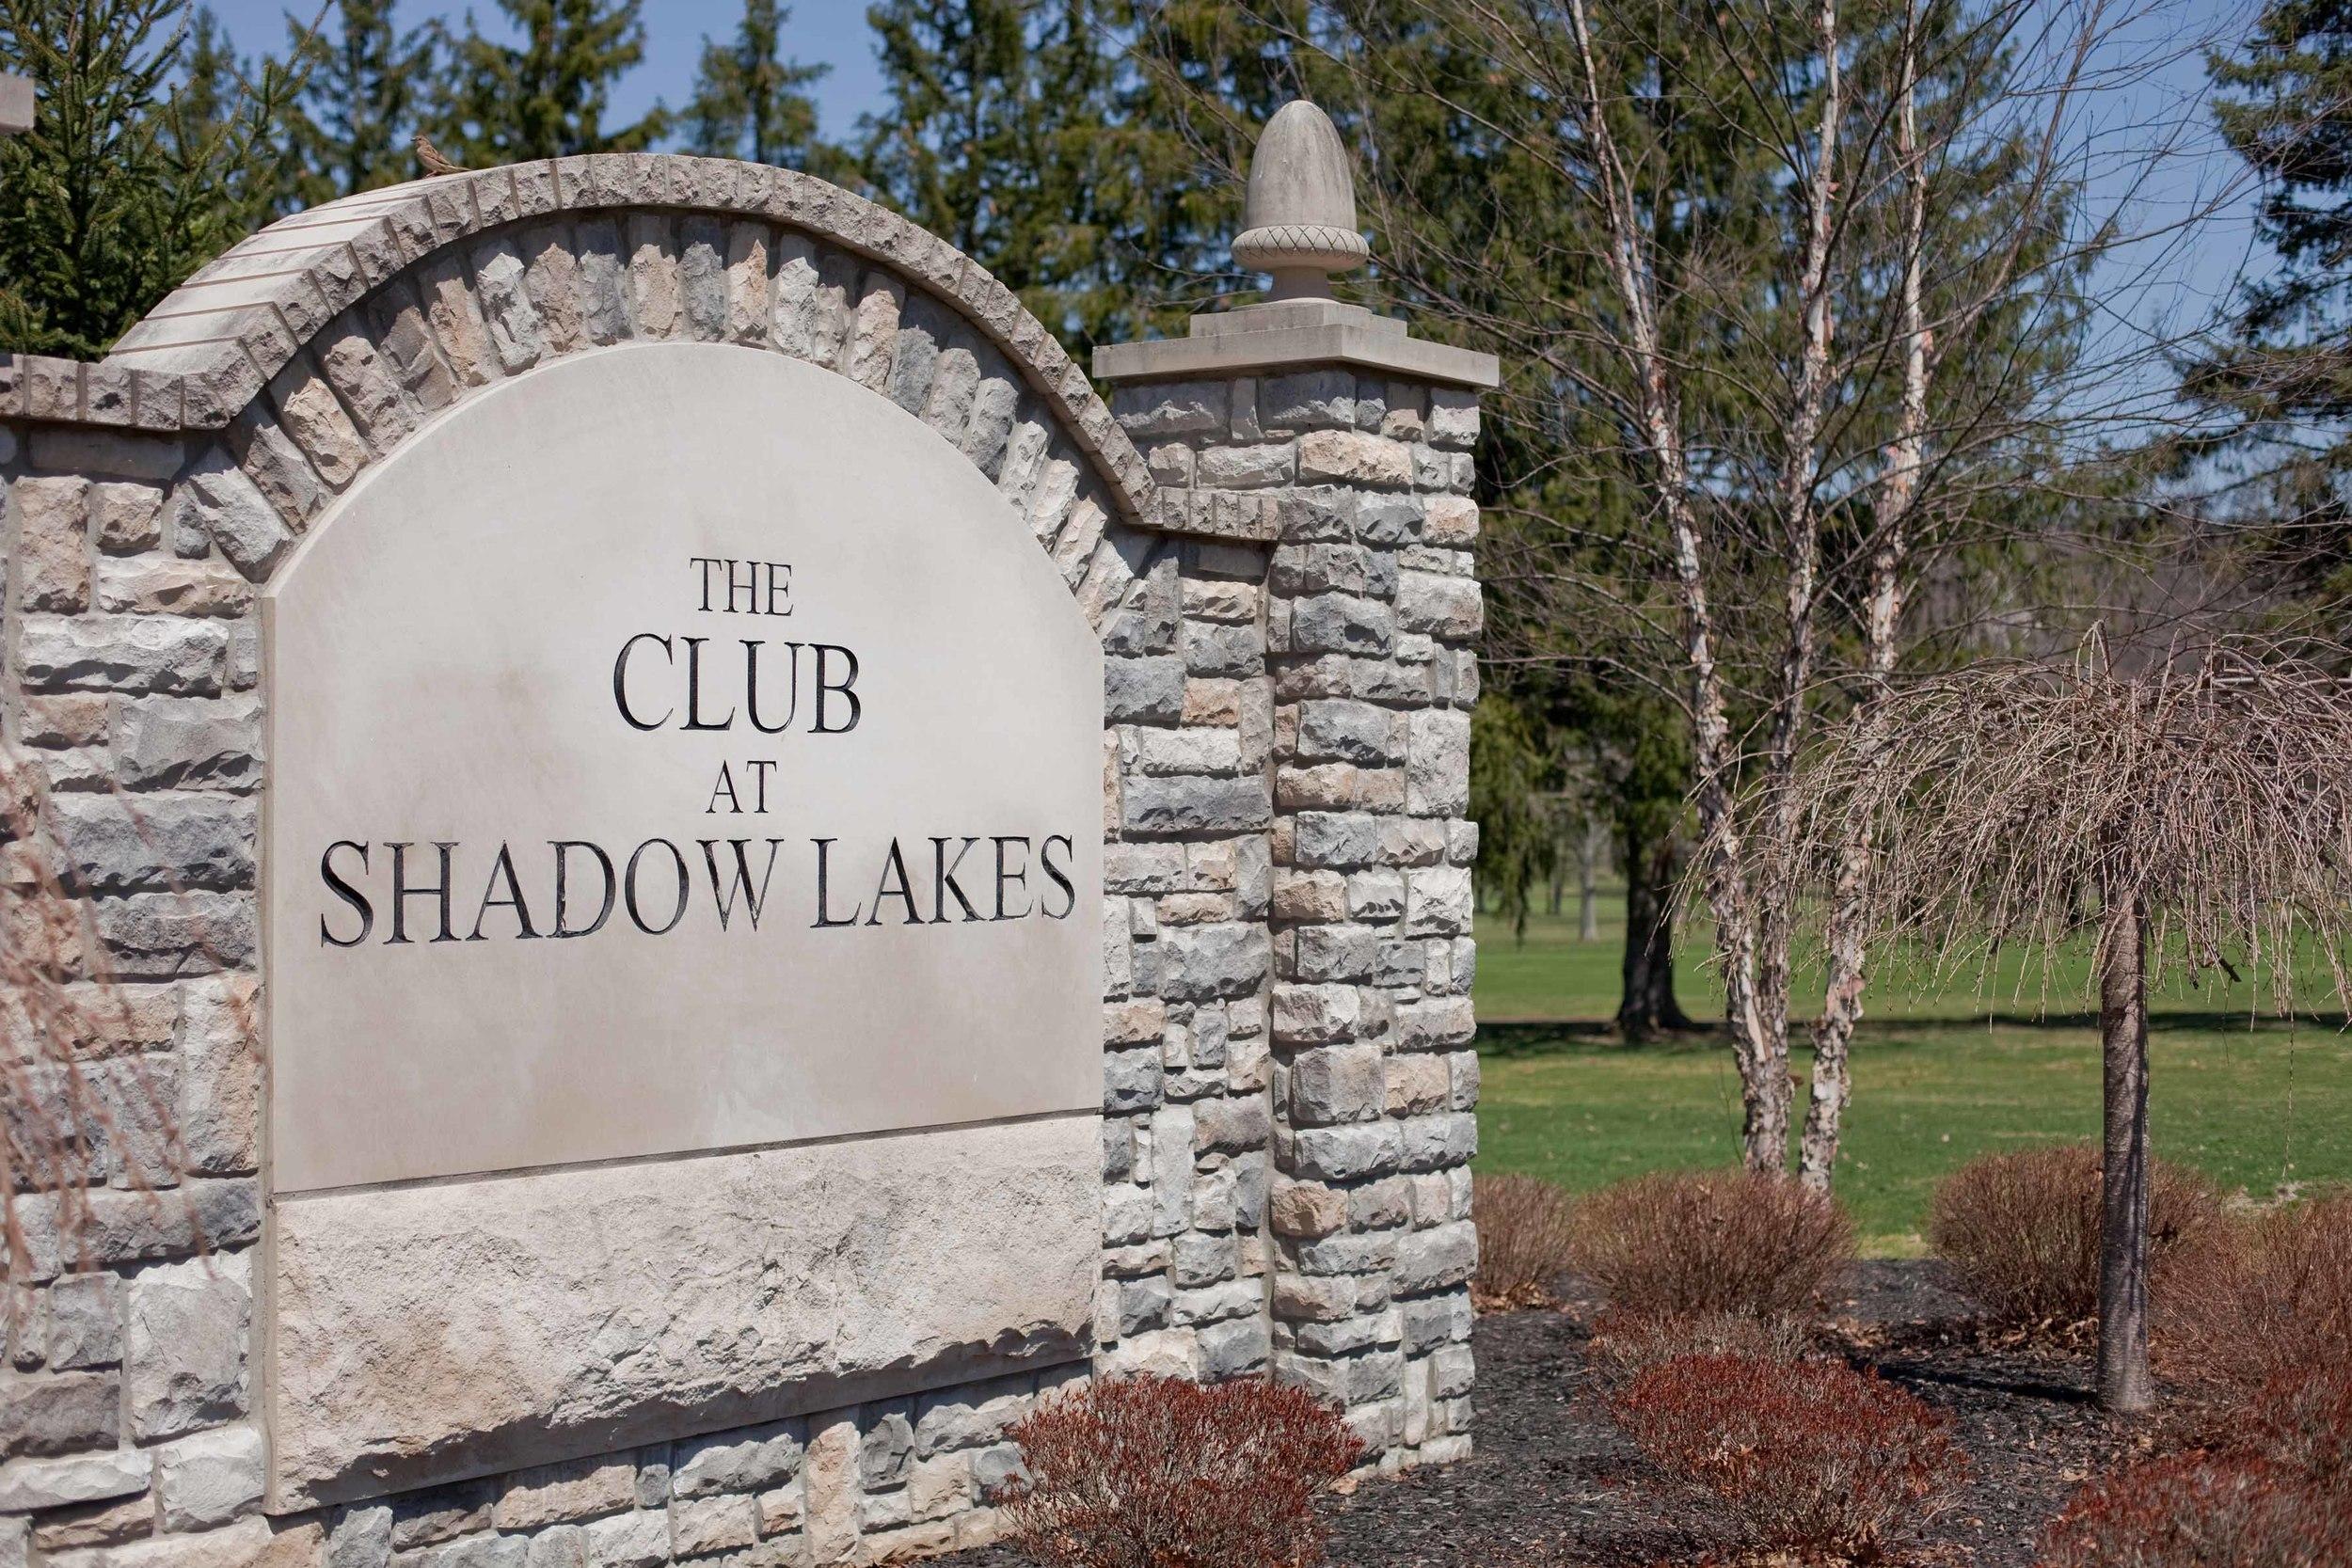 The club at shadow lakes